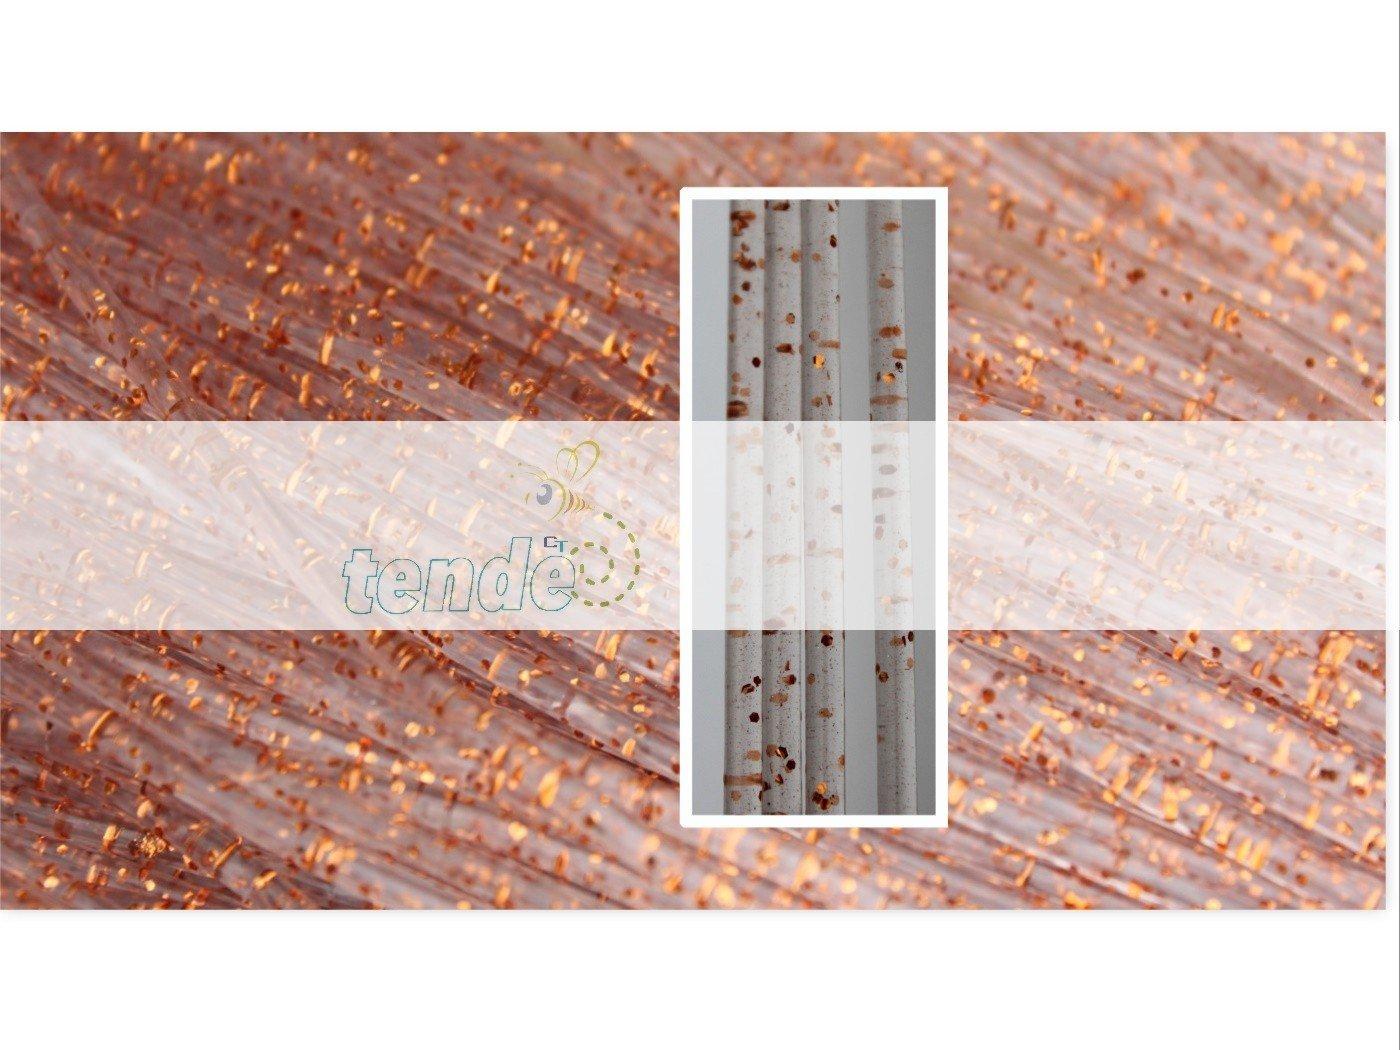 Cirillo Tende PVC-Türvorhänge Modell Diamante - Eichmaß 100X220 100X220 100X220   120X230   130X240   150X250 - Fliegenvorhang - Kunststoff-Vorhänge (120X230, Silber (2)) B01E772LF8 Transparente Gardinen 539f76